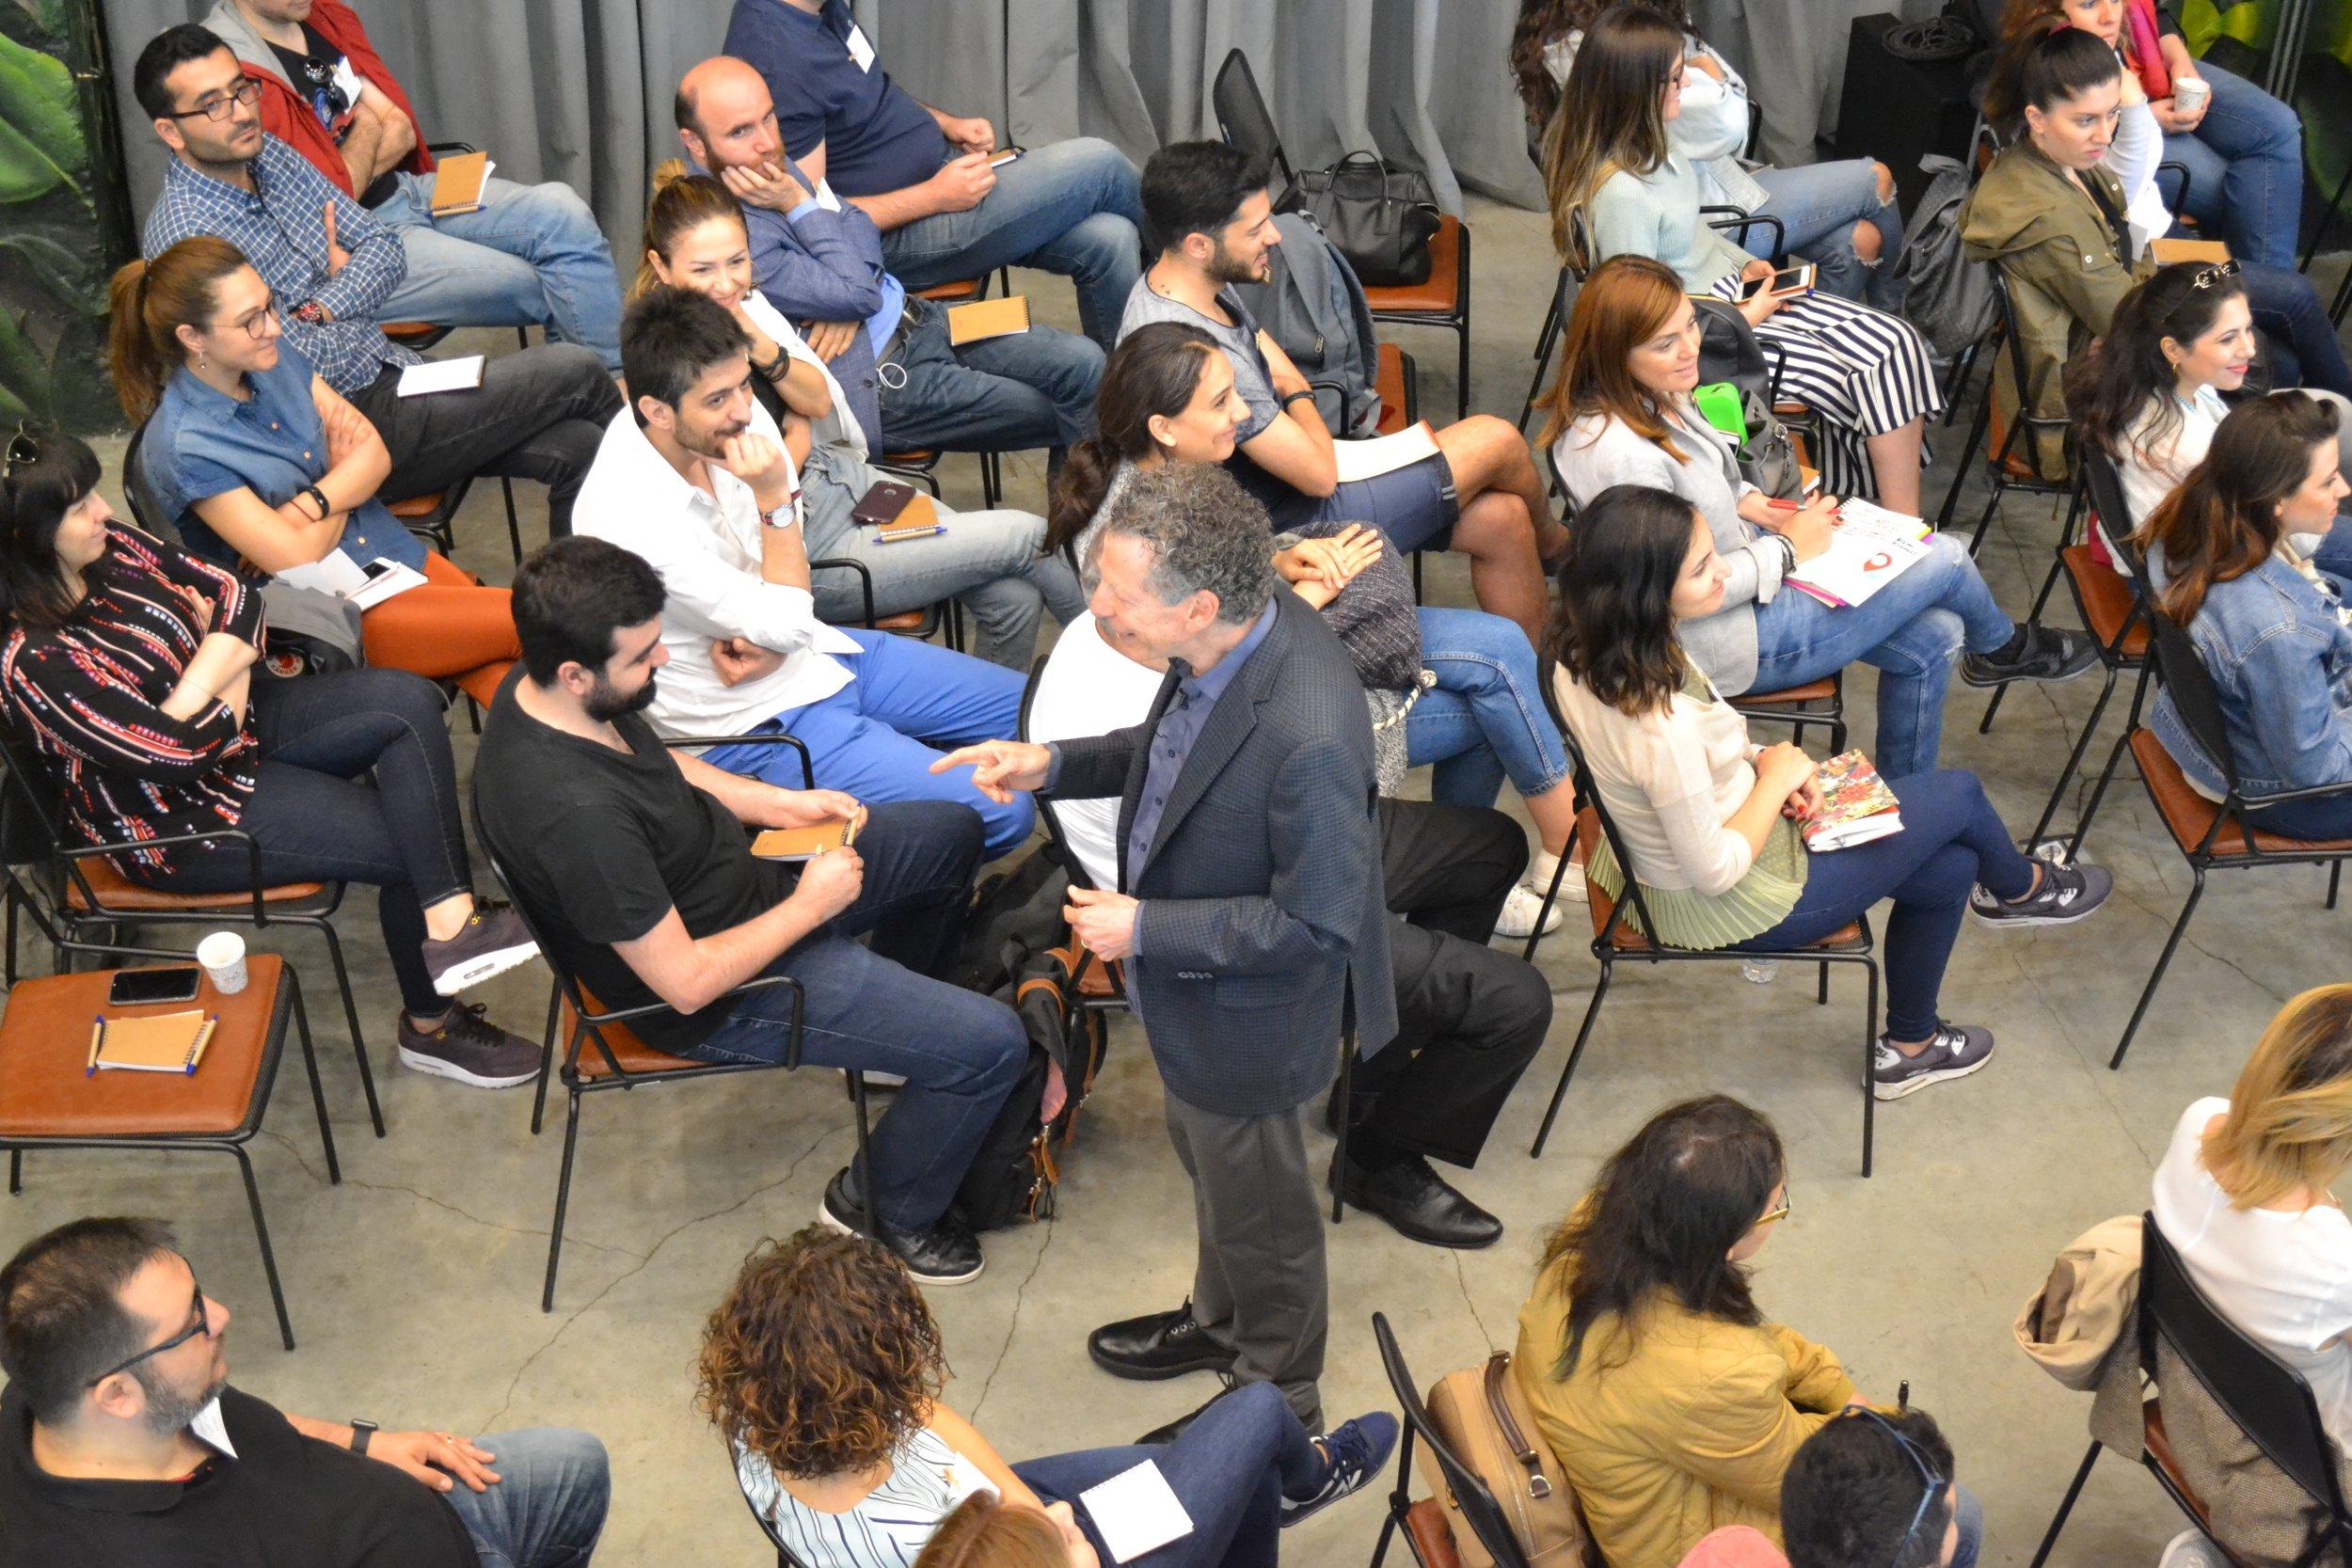 Jeffrey Kottler speaking in Turkey, author